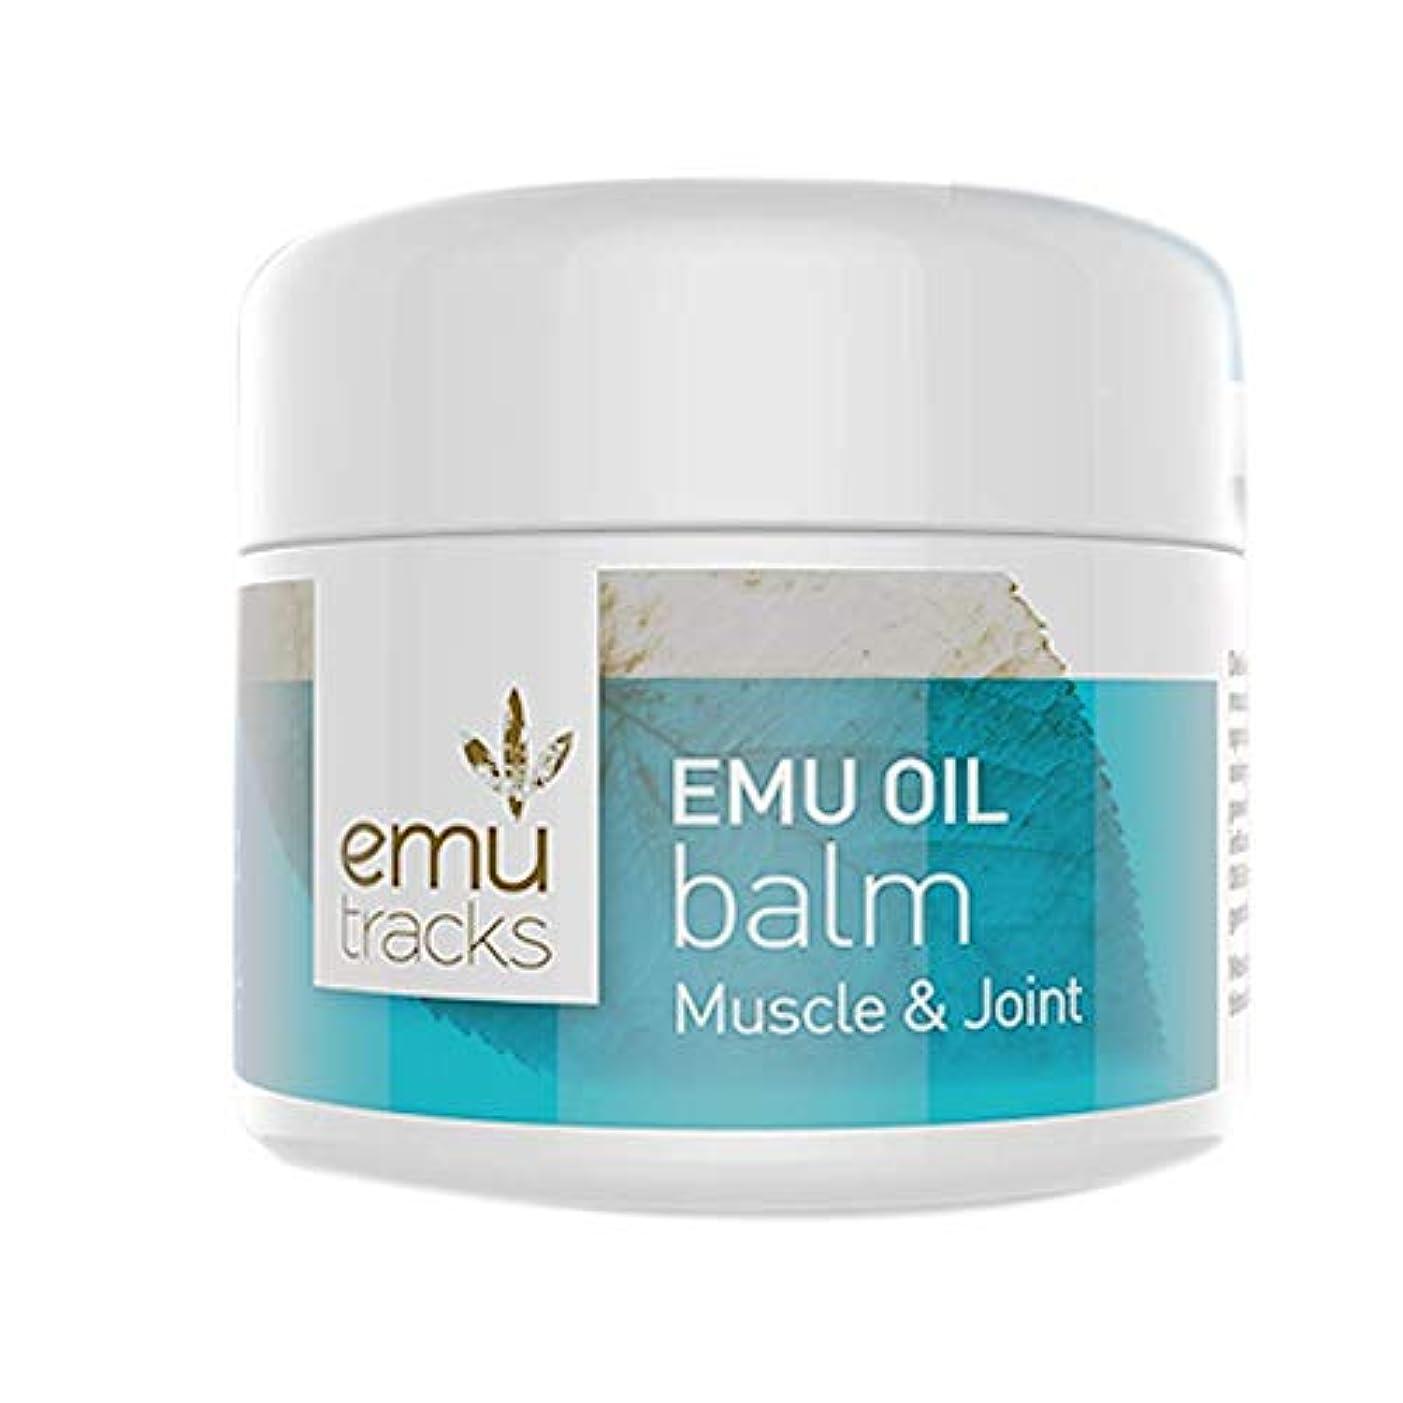 懇願するその通り抜ける[Emu Tracks] エミュー?オイル?バーム(Muscle & Joint)50g 【海外直送】